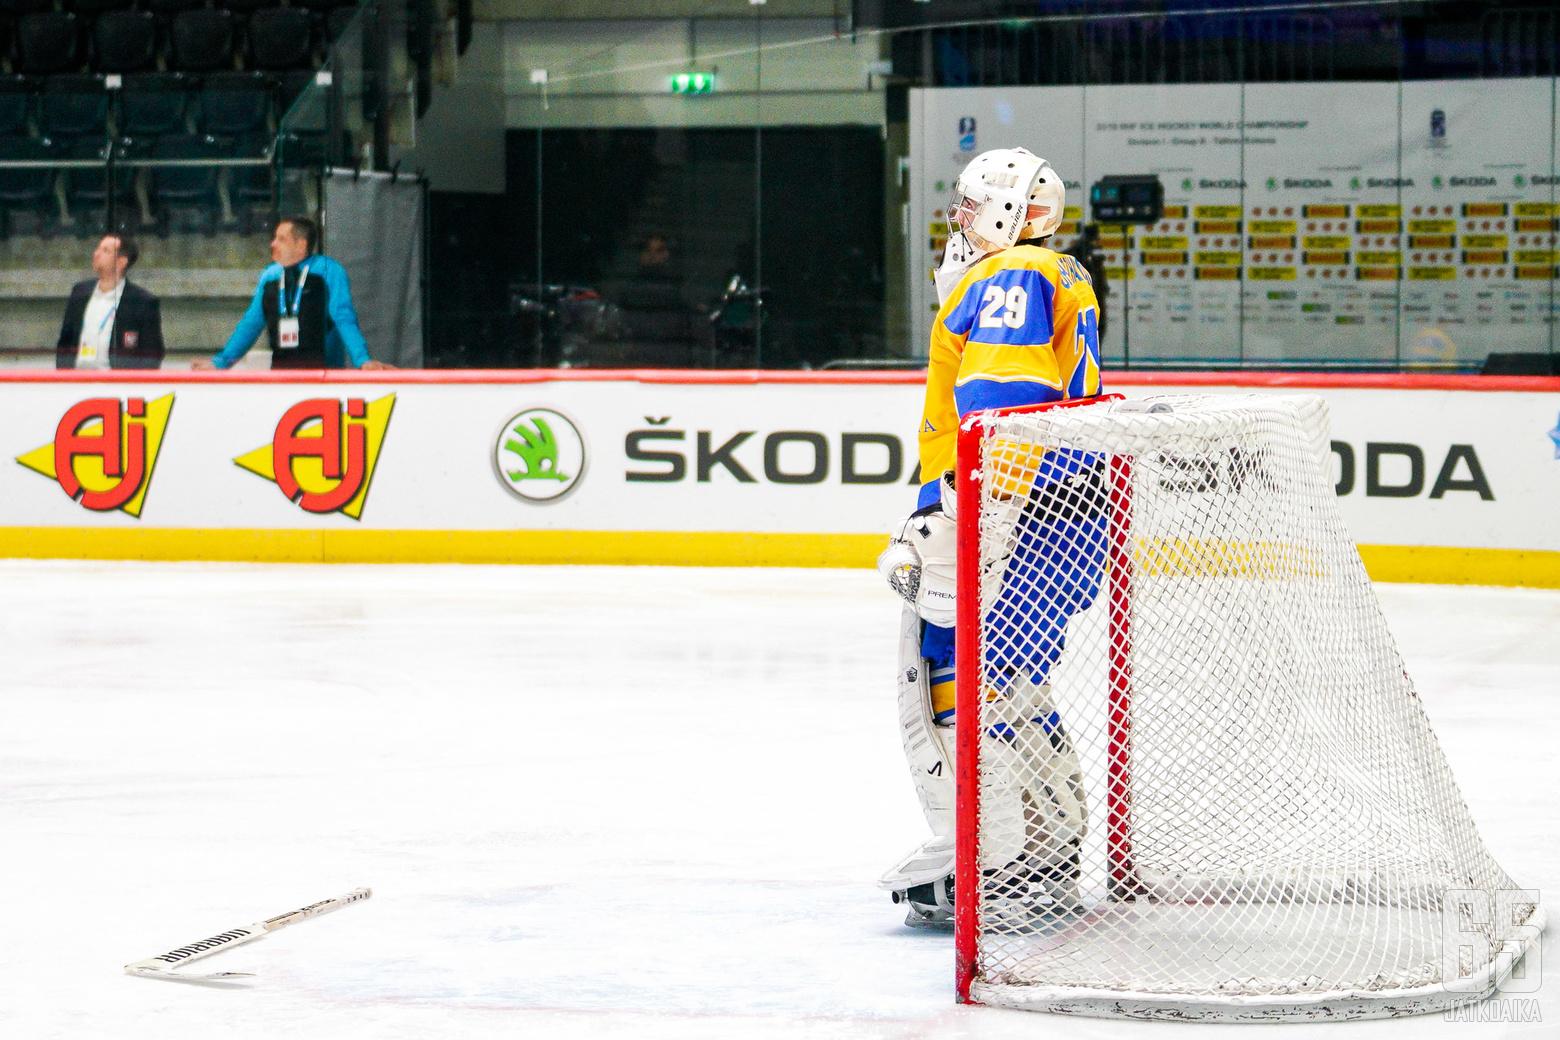 20190429 Tallinna, ESTONIA. IIHF 1B: POL - UKR.Photo: Samppa Toivonen